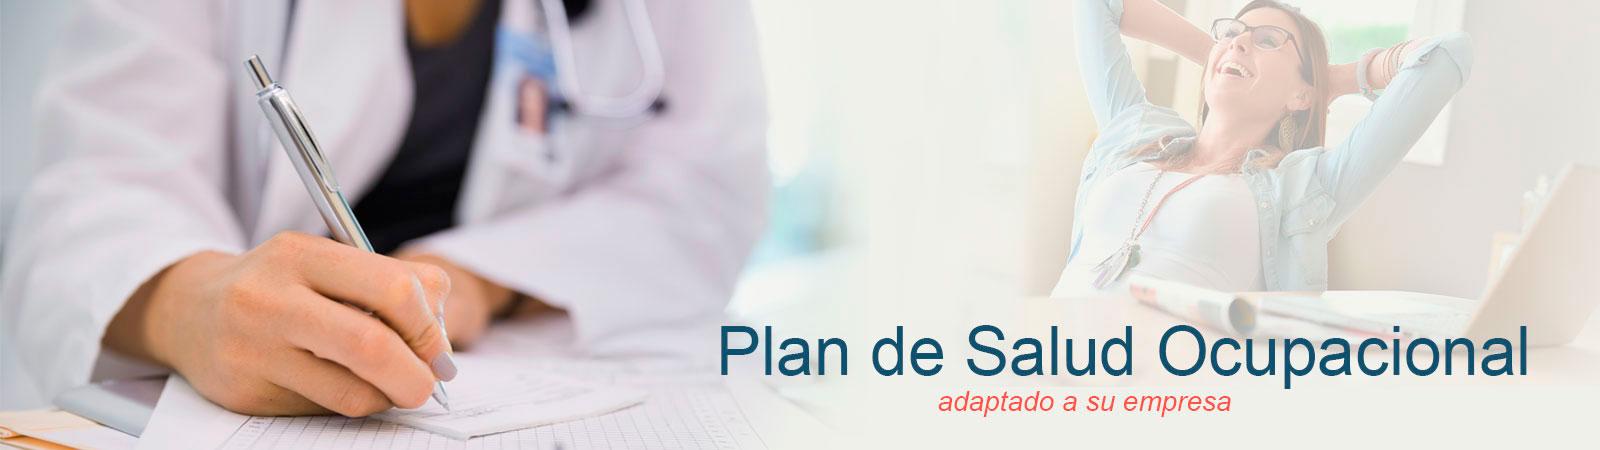 Plan de salud ocupacional adaptado a su empresa